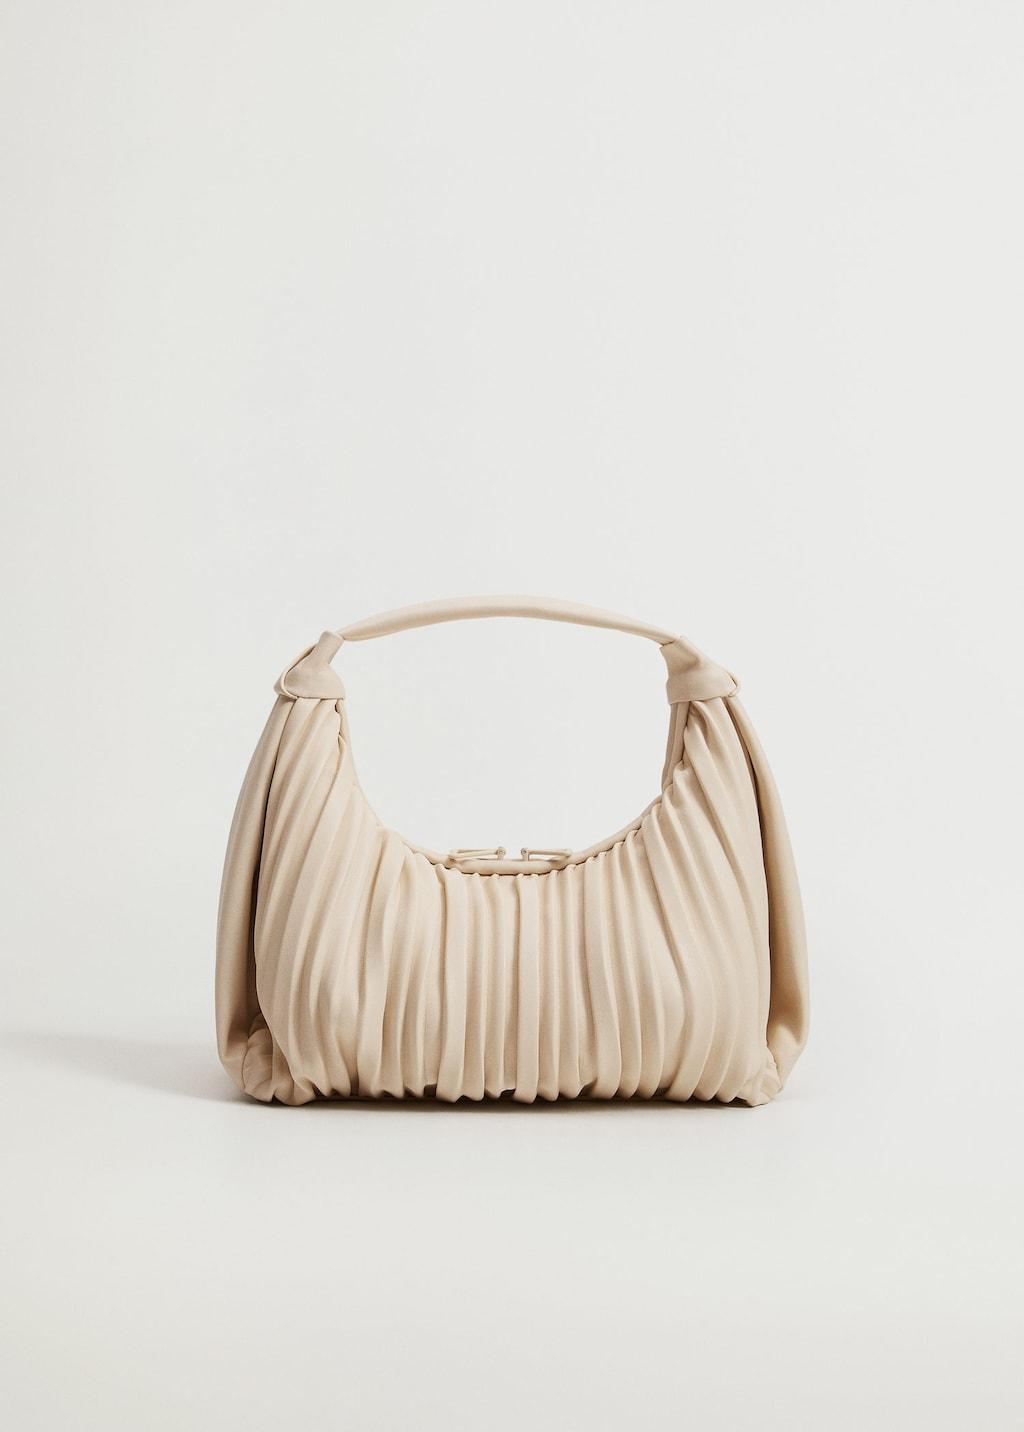 Pleats Baguette Bag for best minimalist purses